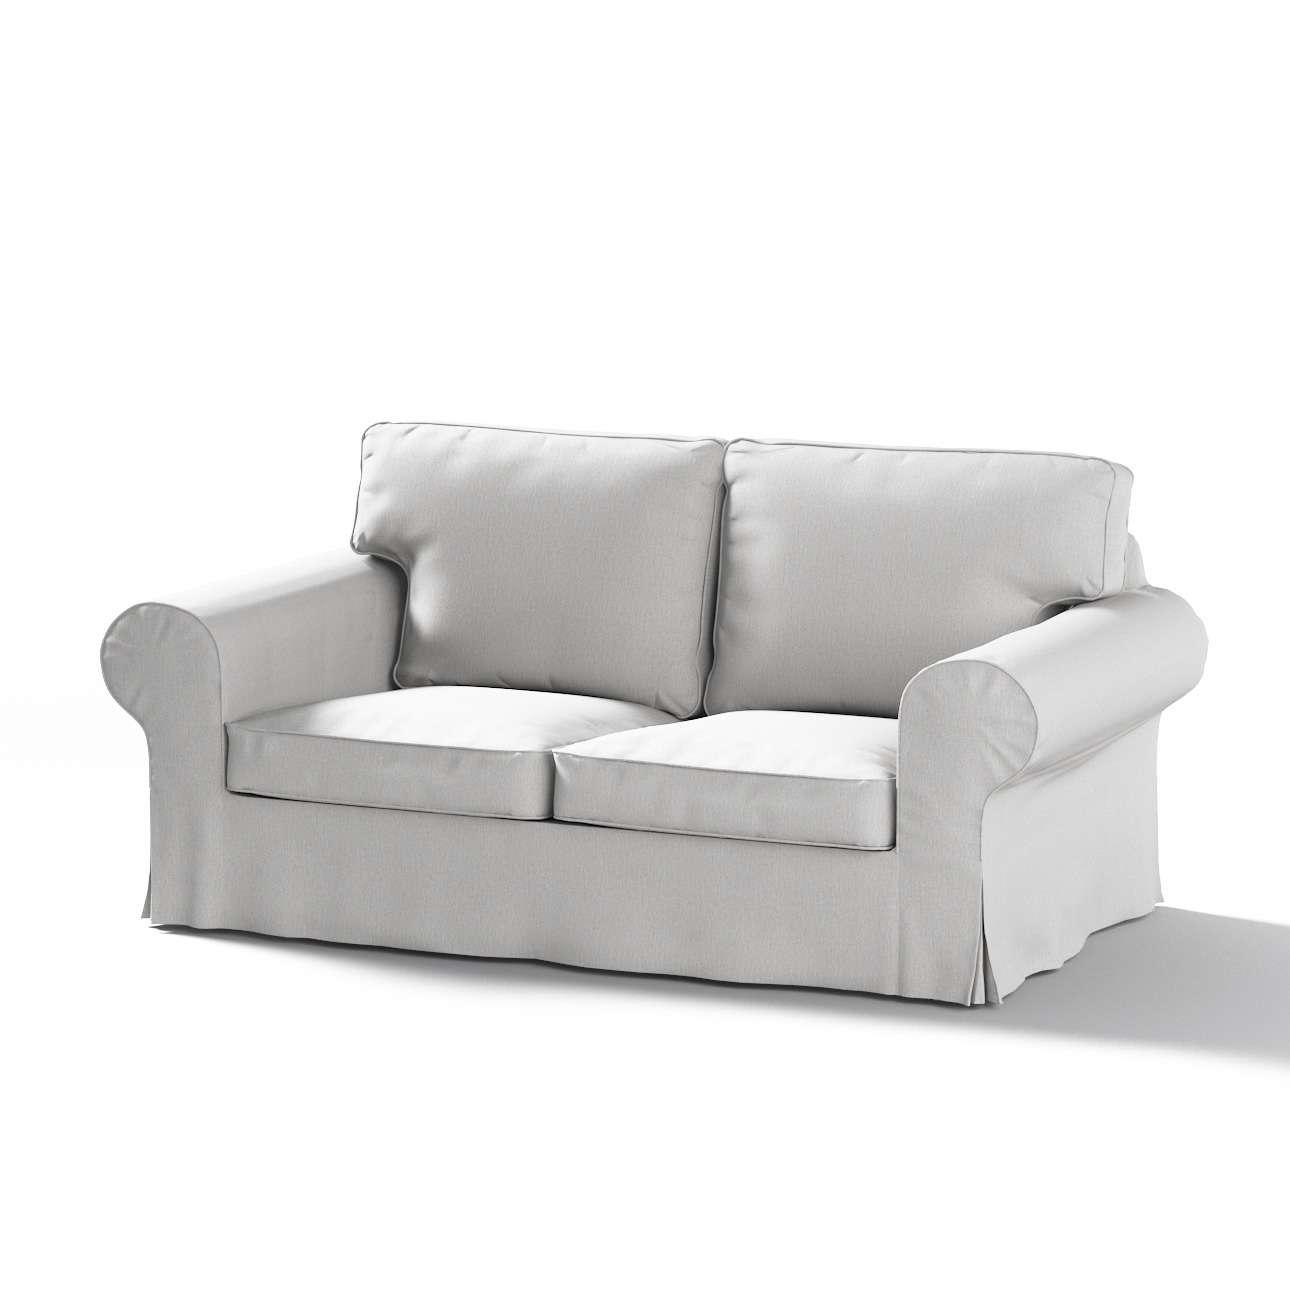 Ektorp dvivietės sofos užvalkalas Ektorp dvivietės sofos užvalkalas kolekcijoje Chenille, audinys: 702-23